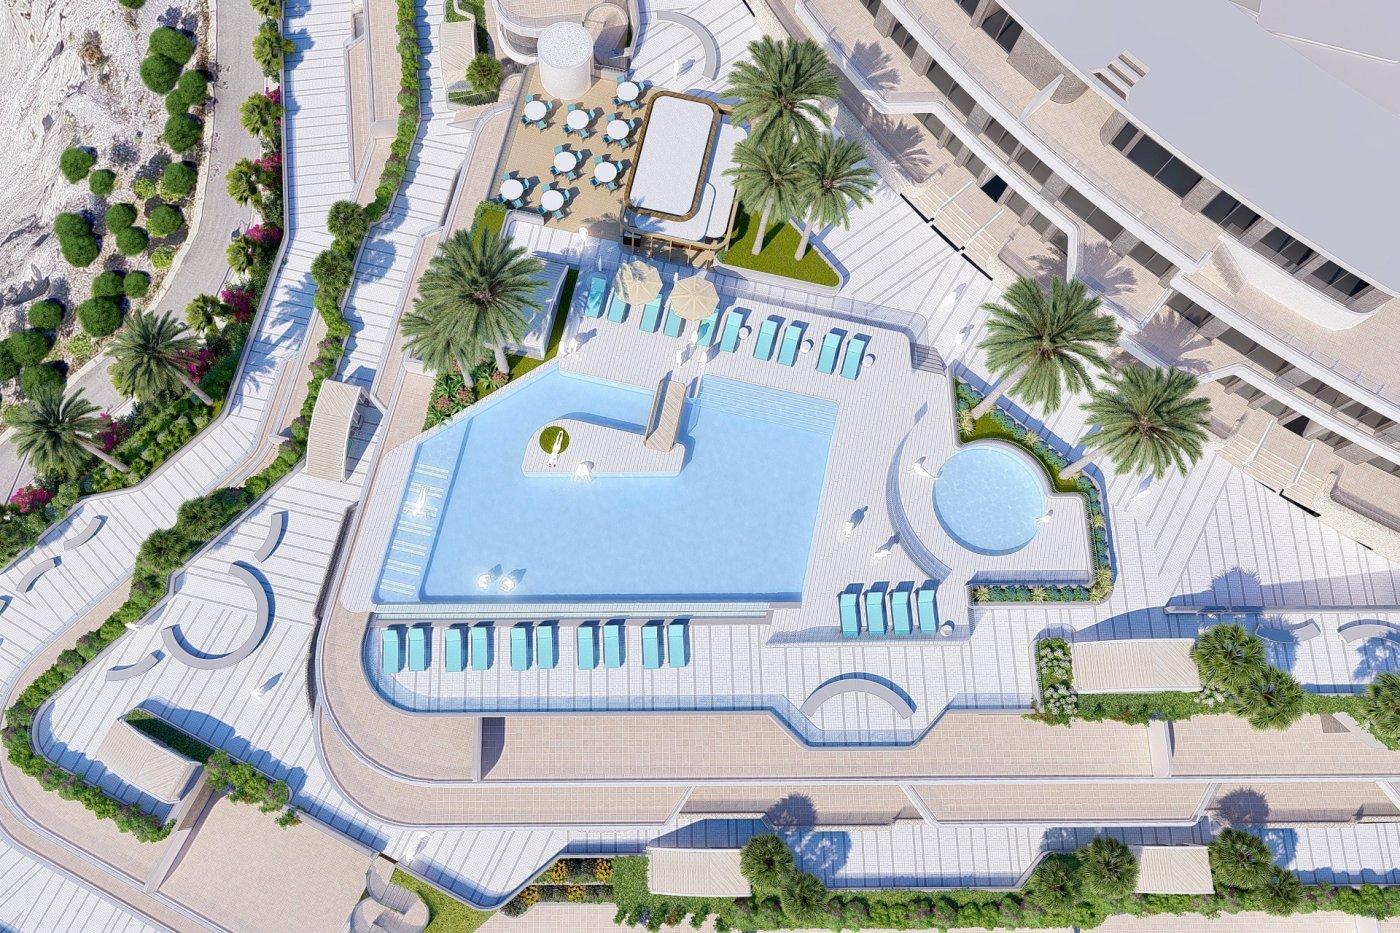 Galleribillede 19 of Uovertruffen panorama udsigt - 3 værelses luksus lejlighed med 2 badeværelser